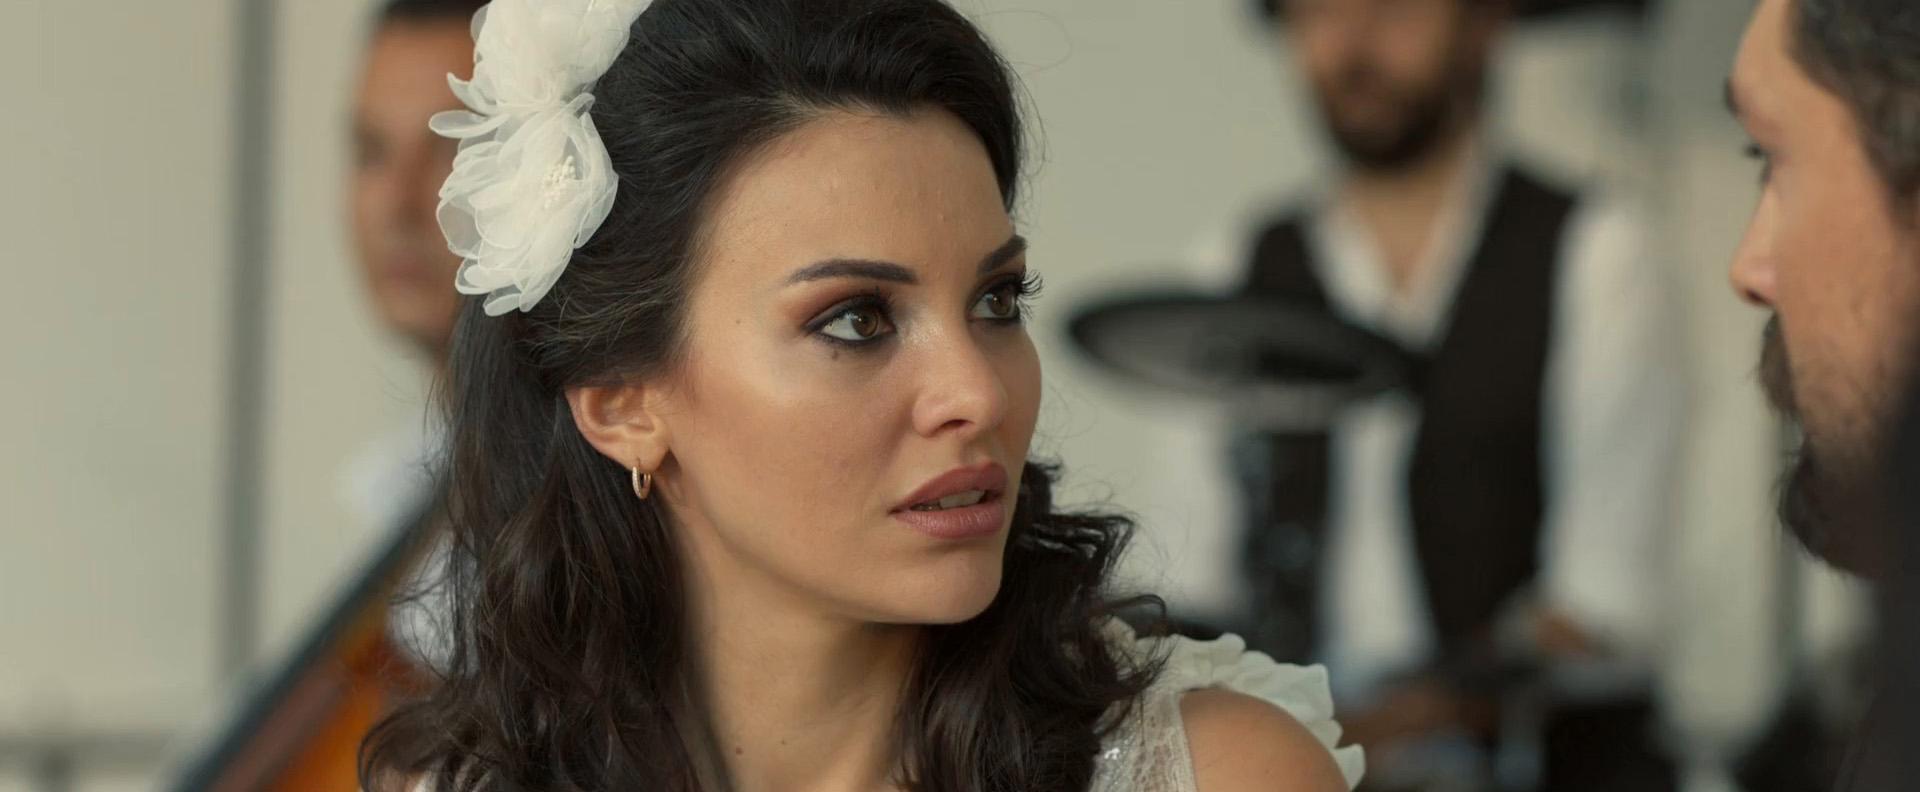 Ağır Romantik | 2020 | Yerli Film | NF | WEB-DL | XviD | Sansürsüz | 720p - 1080p - m720p - m1080p | WEB-DL | Tek Link